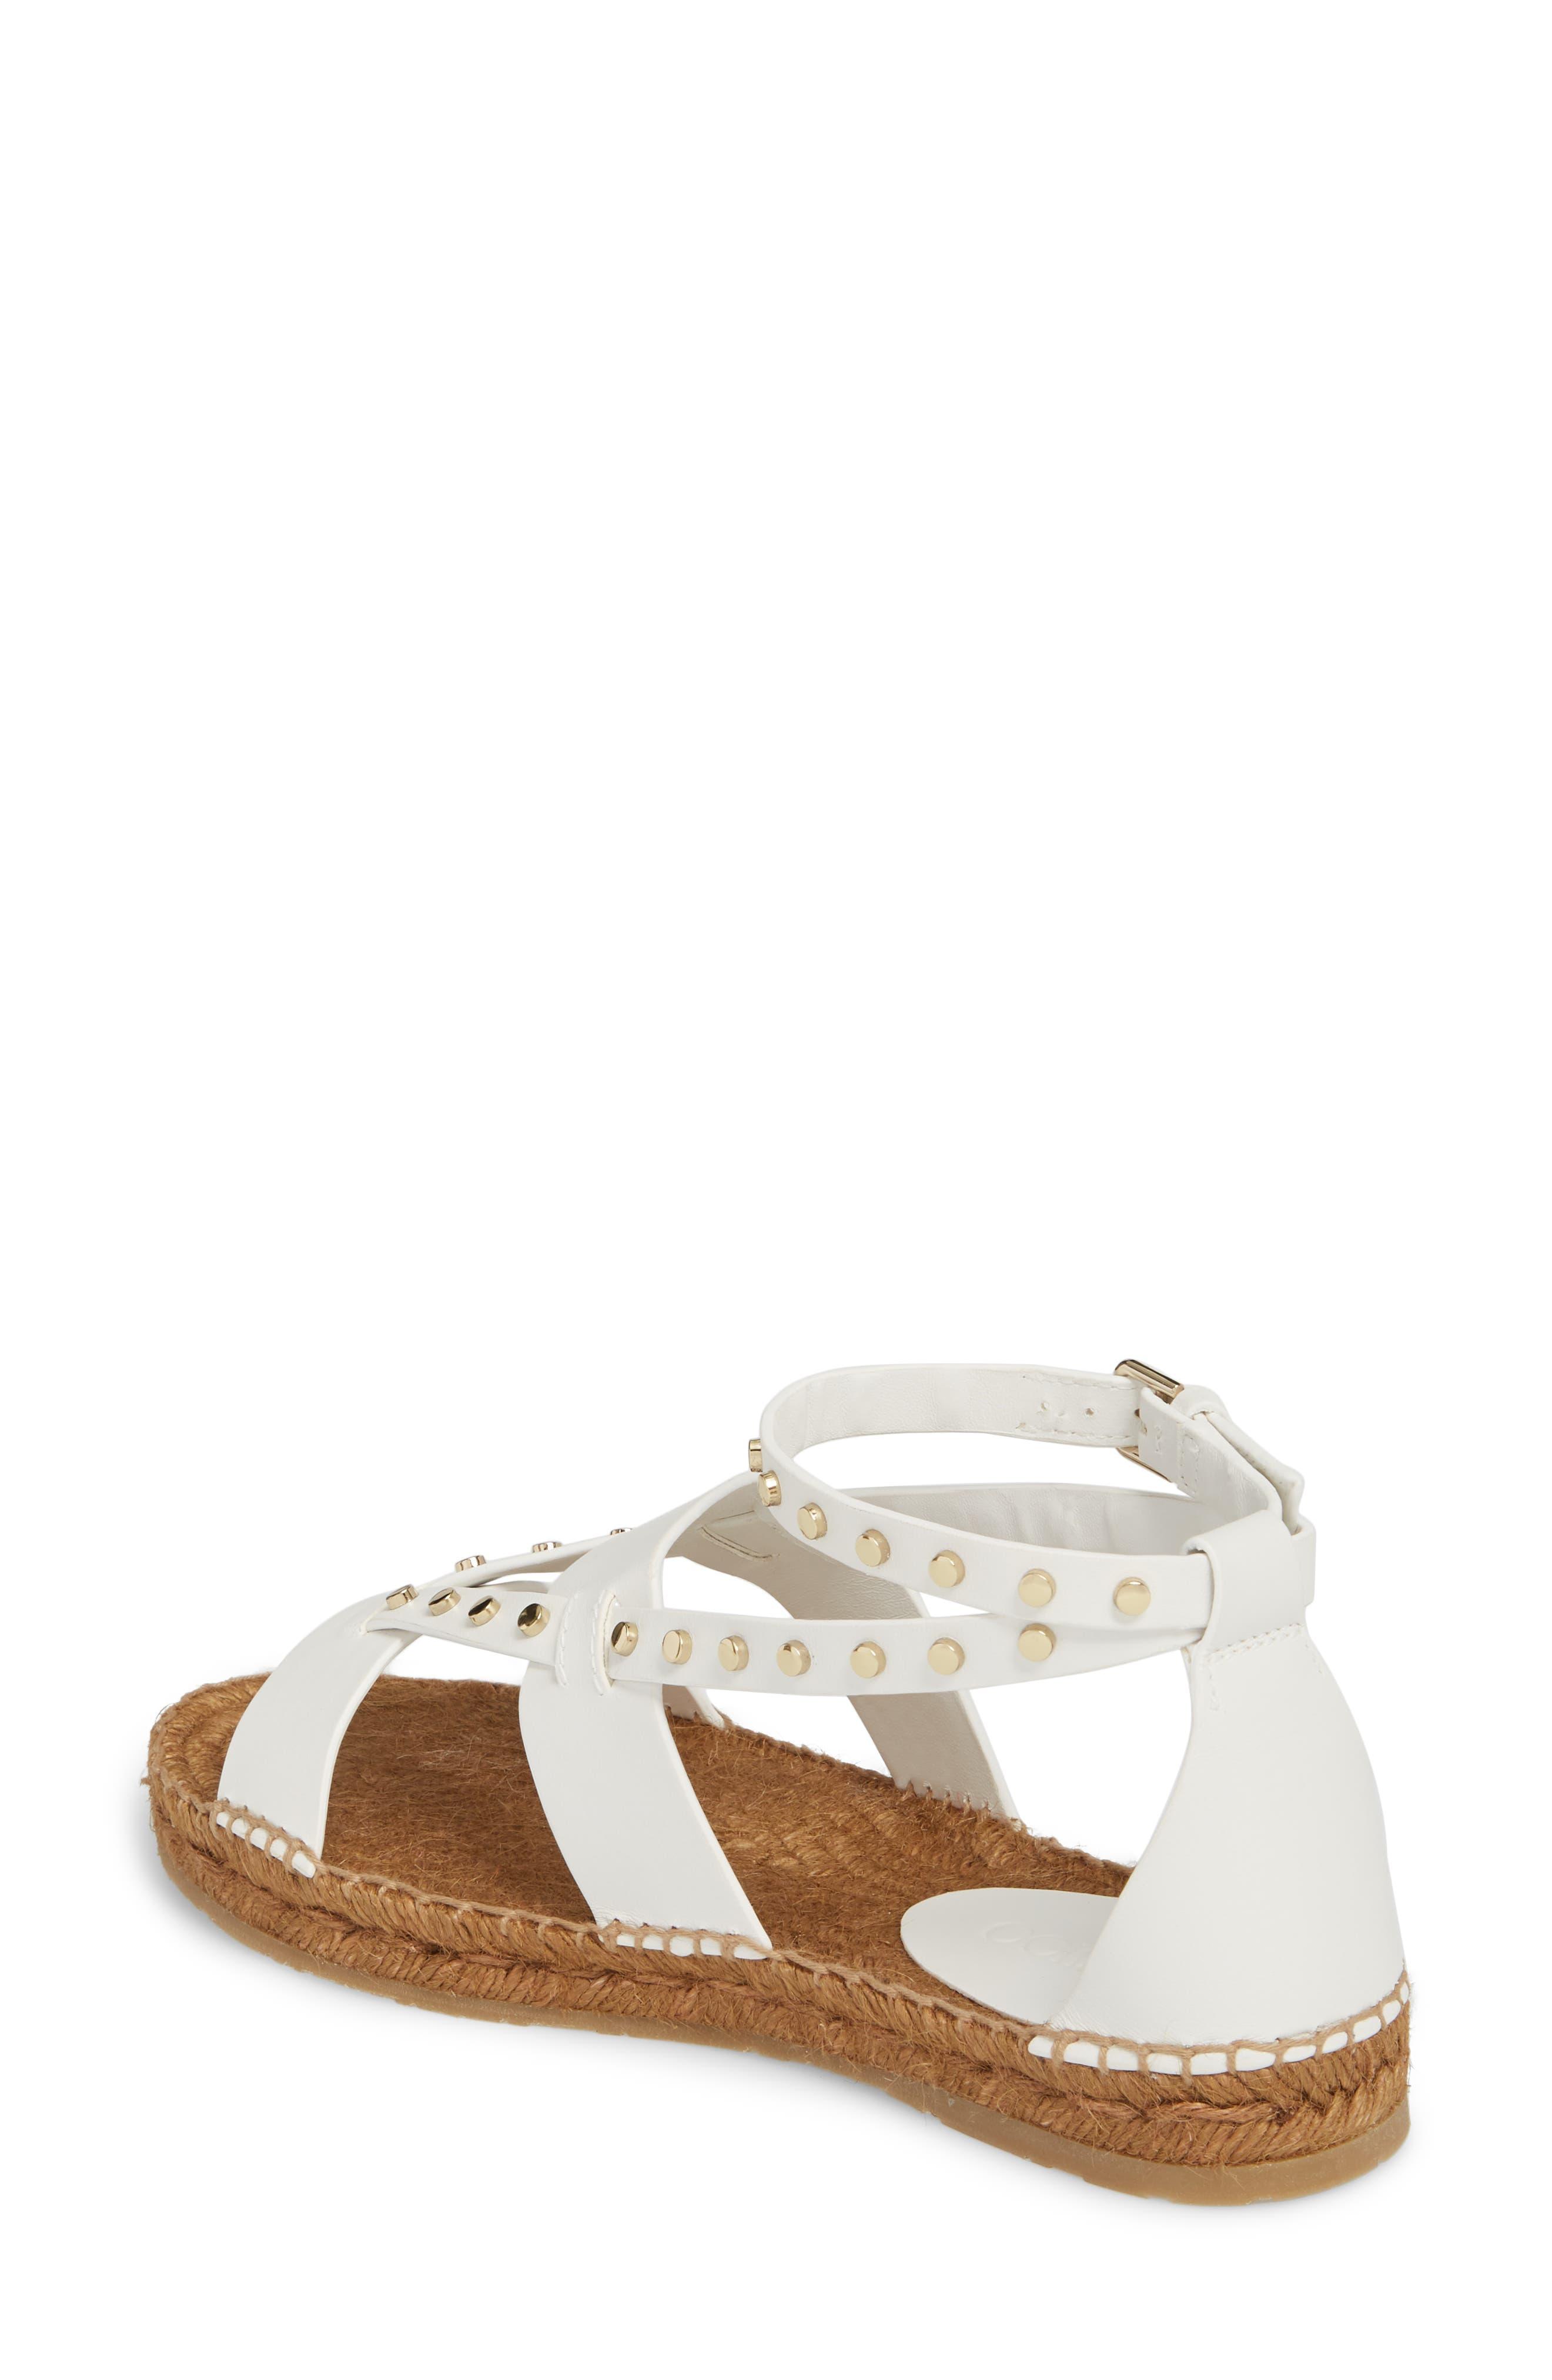 Denise Studded Espadrille Sandal,                             Alternate thumbnail 2, color,                             White